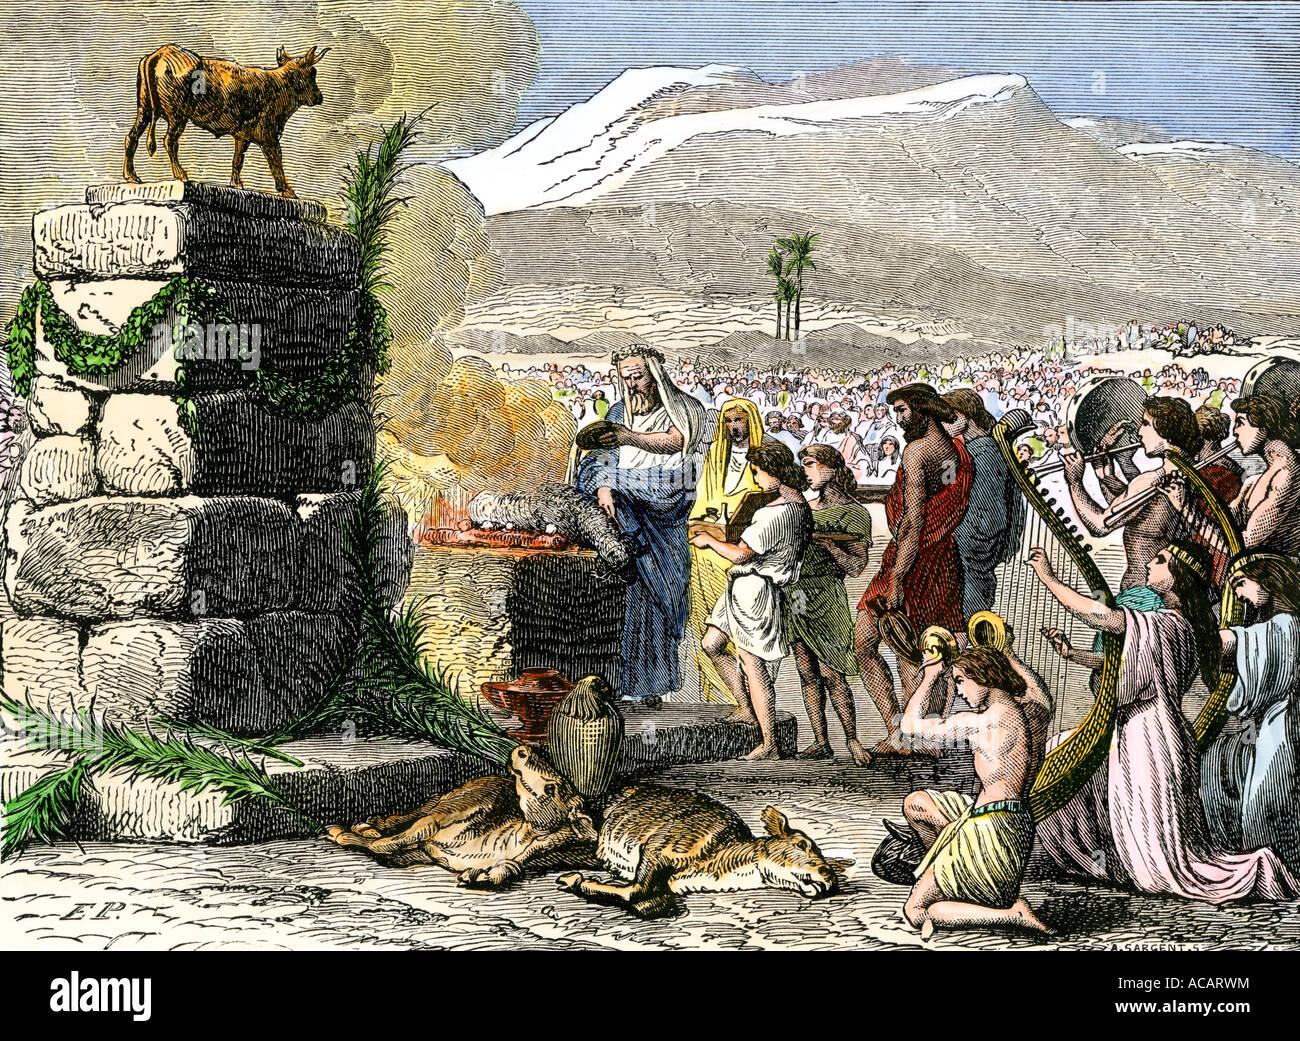 Animal Sacrifice To Worship A Golden Calf In Biblical Times